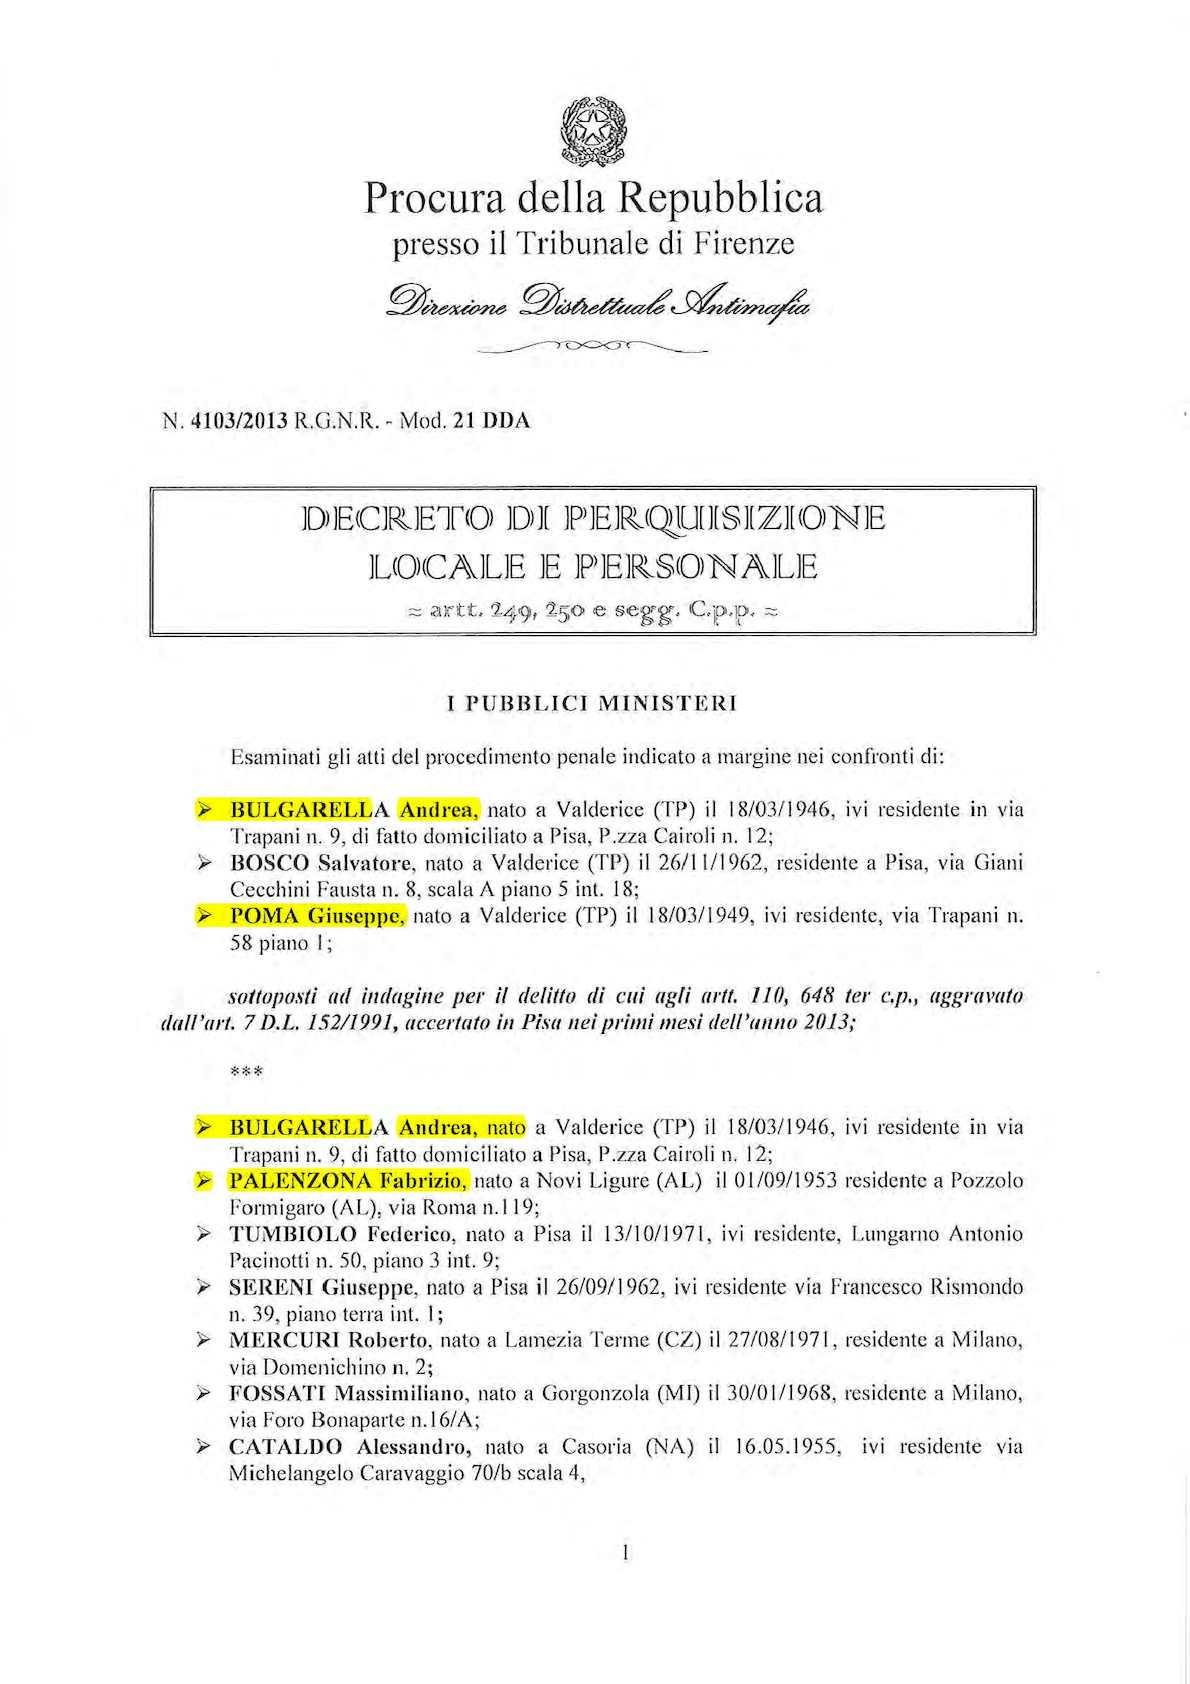 Calaméo BULGARELLA 2013 DECRETO 4103 2013 PERQUISIZIONE RUGGIRELLO PIPPO GIANNI PALENZONA UNICREDIT CALCESTRUZZI ERICINA POMA SERENI MERCURI PROCURA